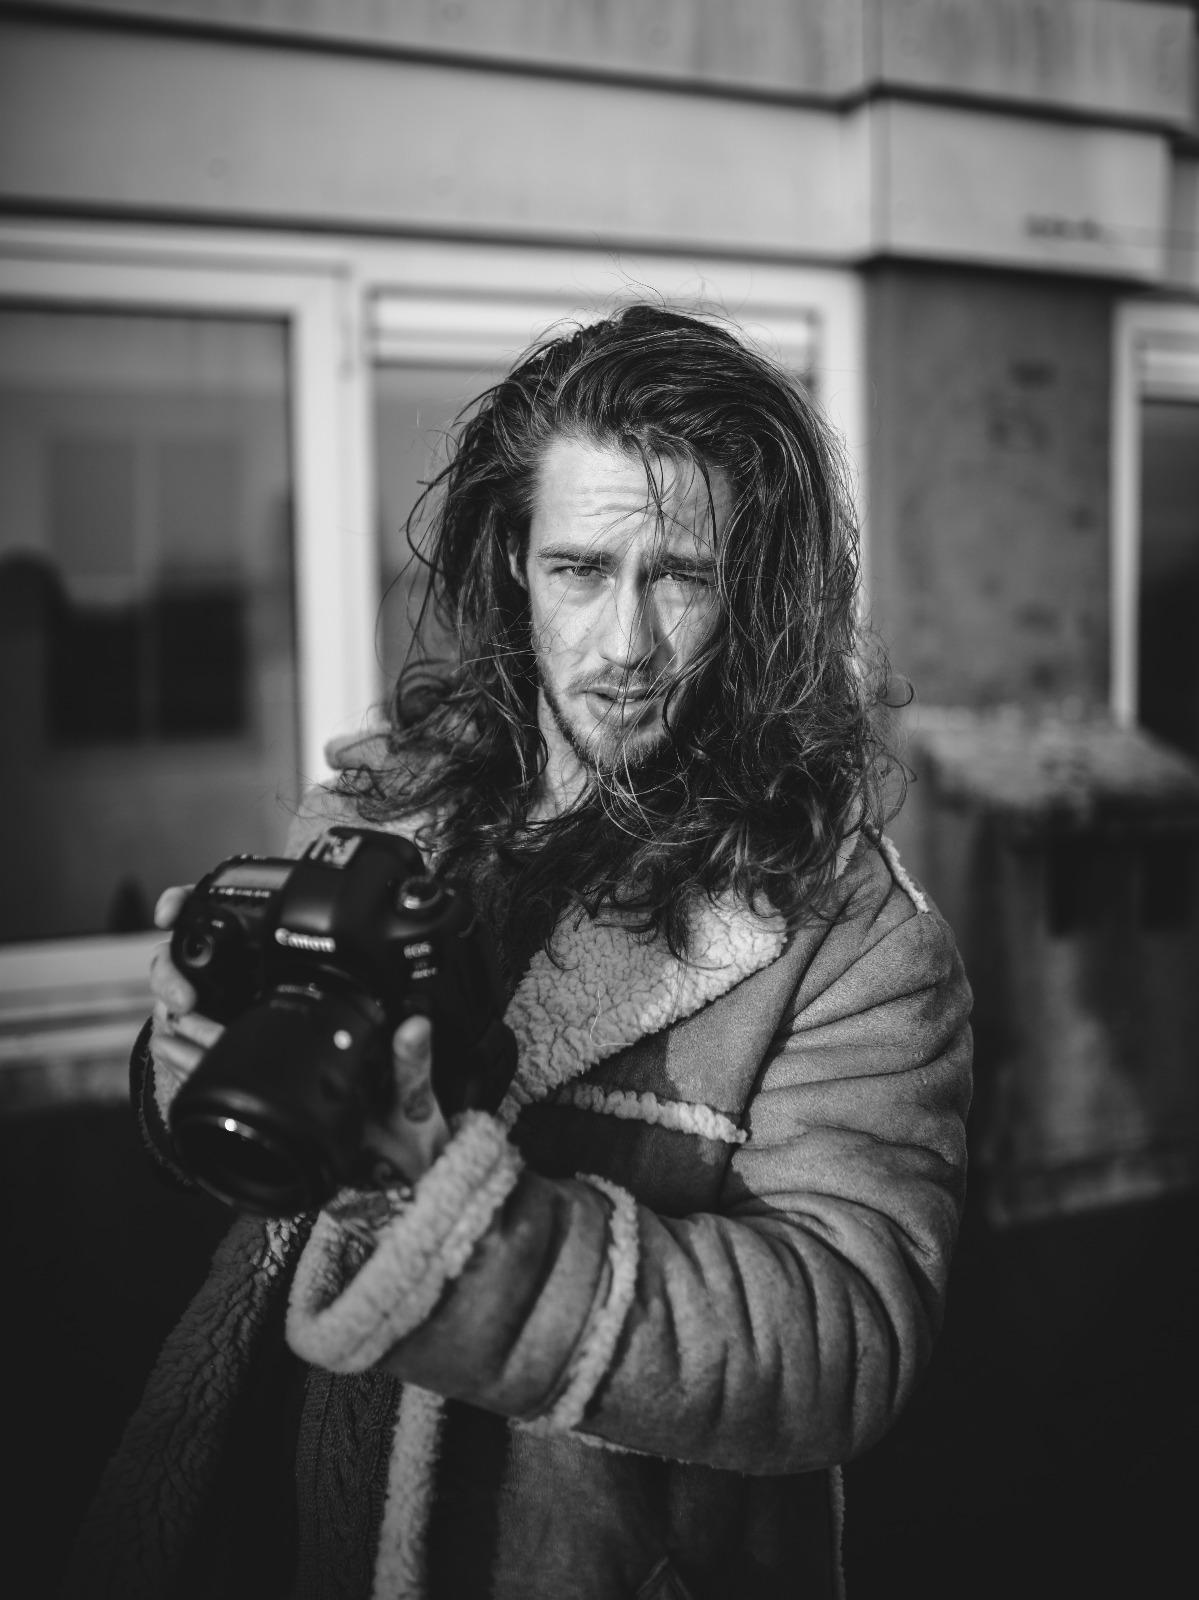 Nigel van der Horst - Human expression is art